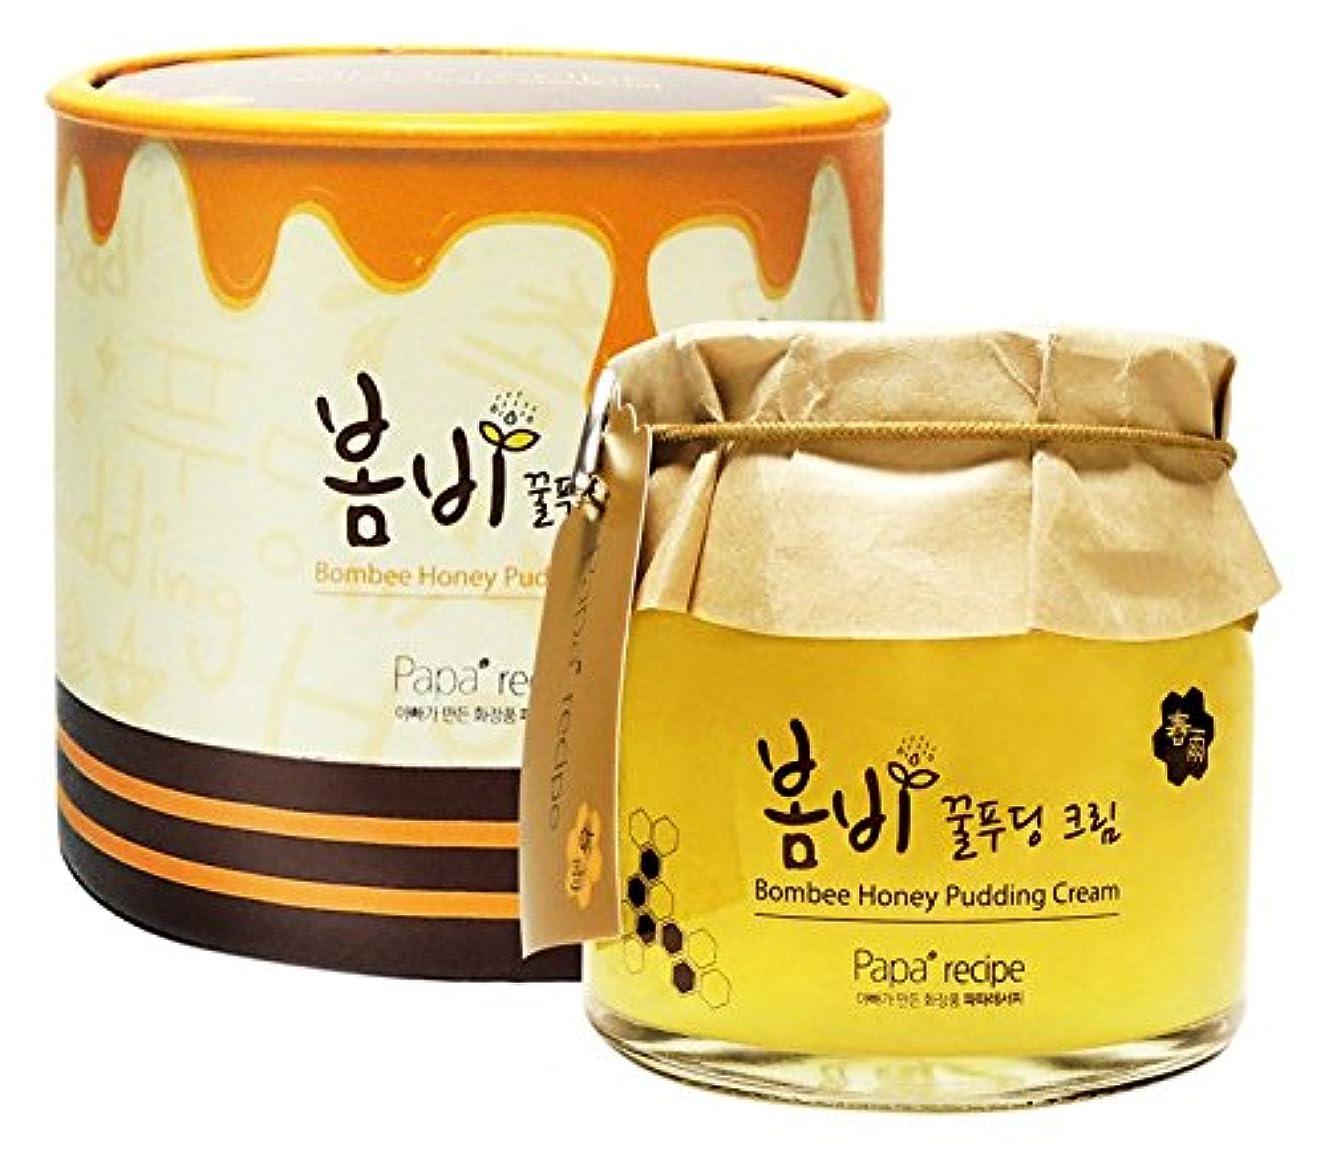 落ち着かない設置概してPapa recipe Bombee Honey Pudding Cream 135ml/パパレシピ ボムビー ハニー プリン クリーム 135ml